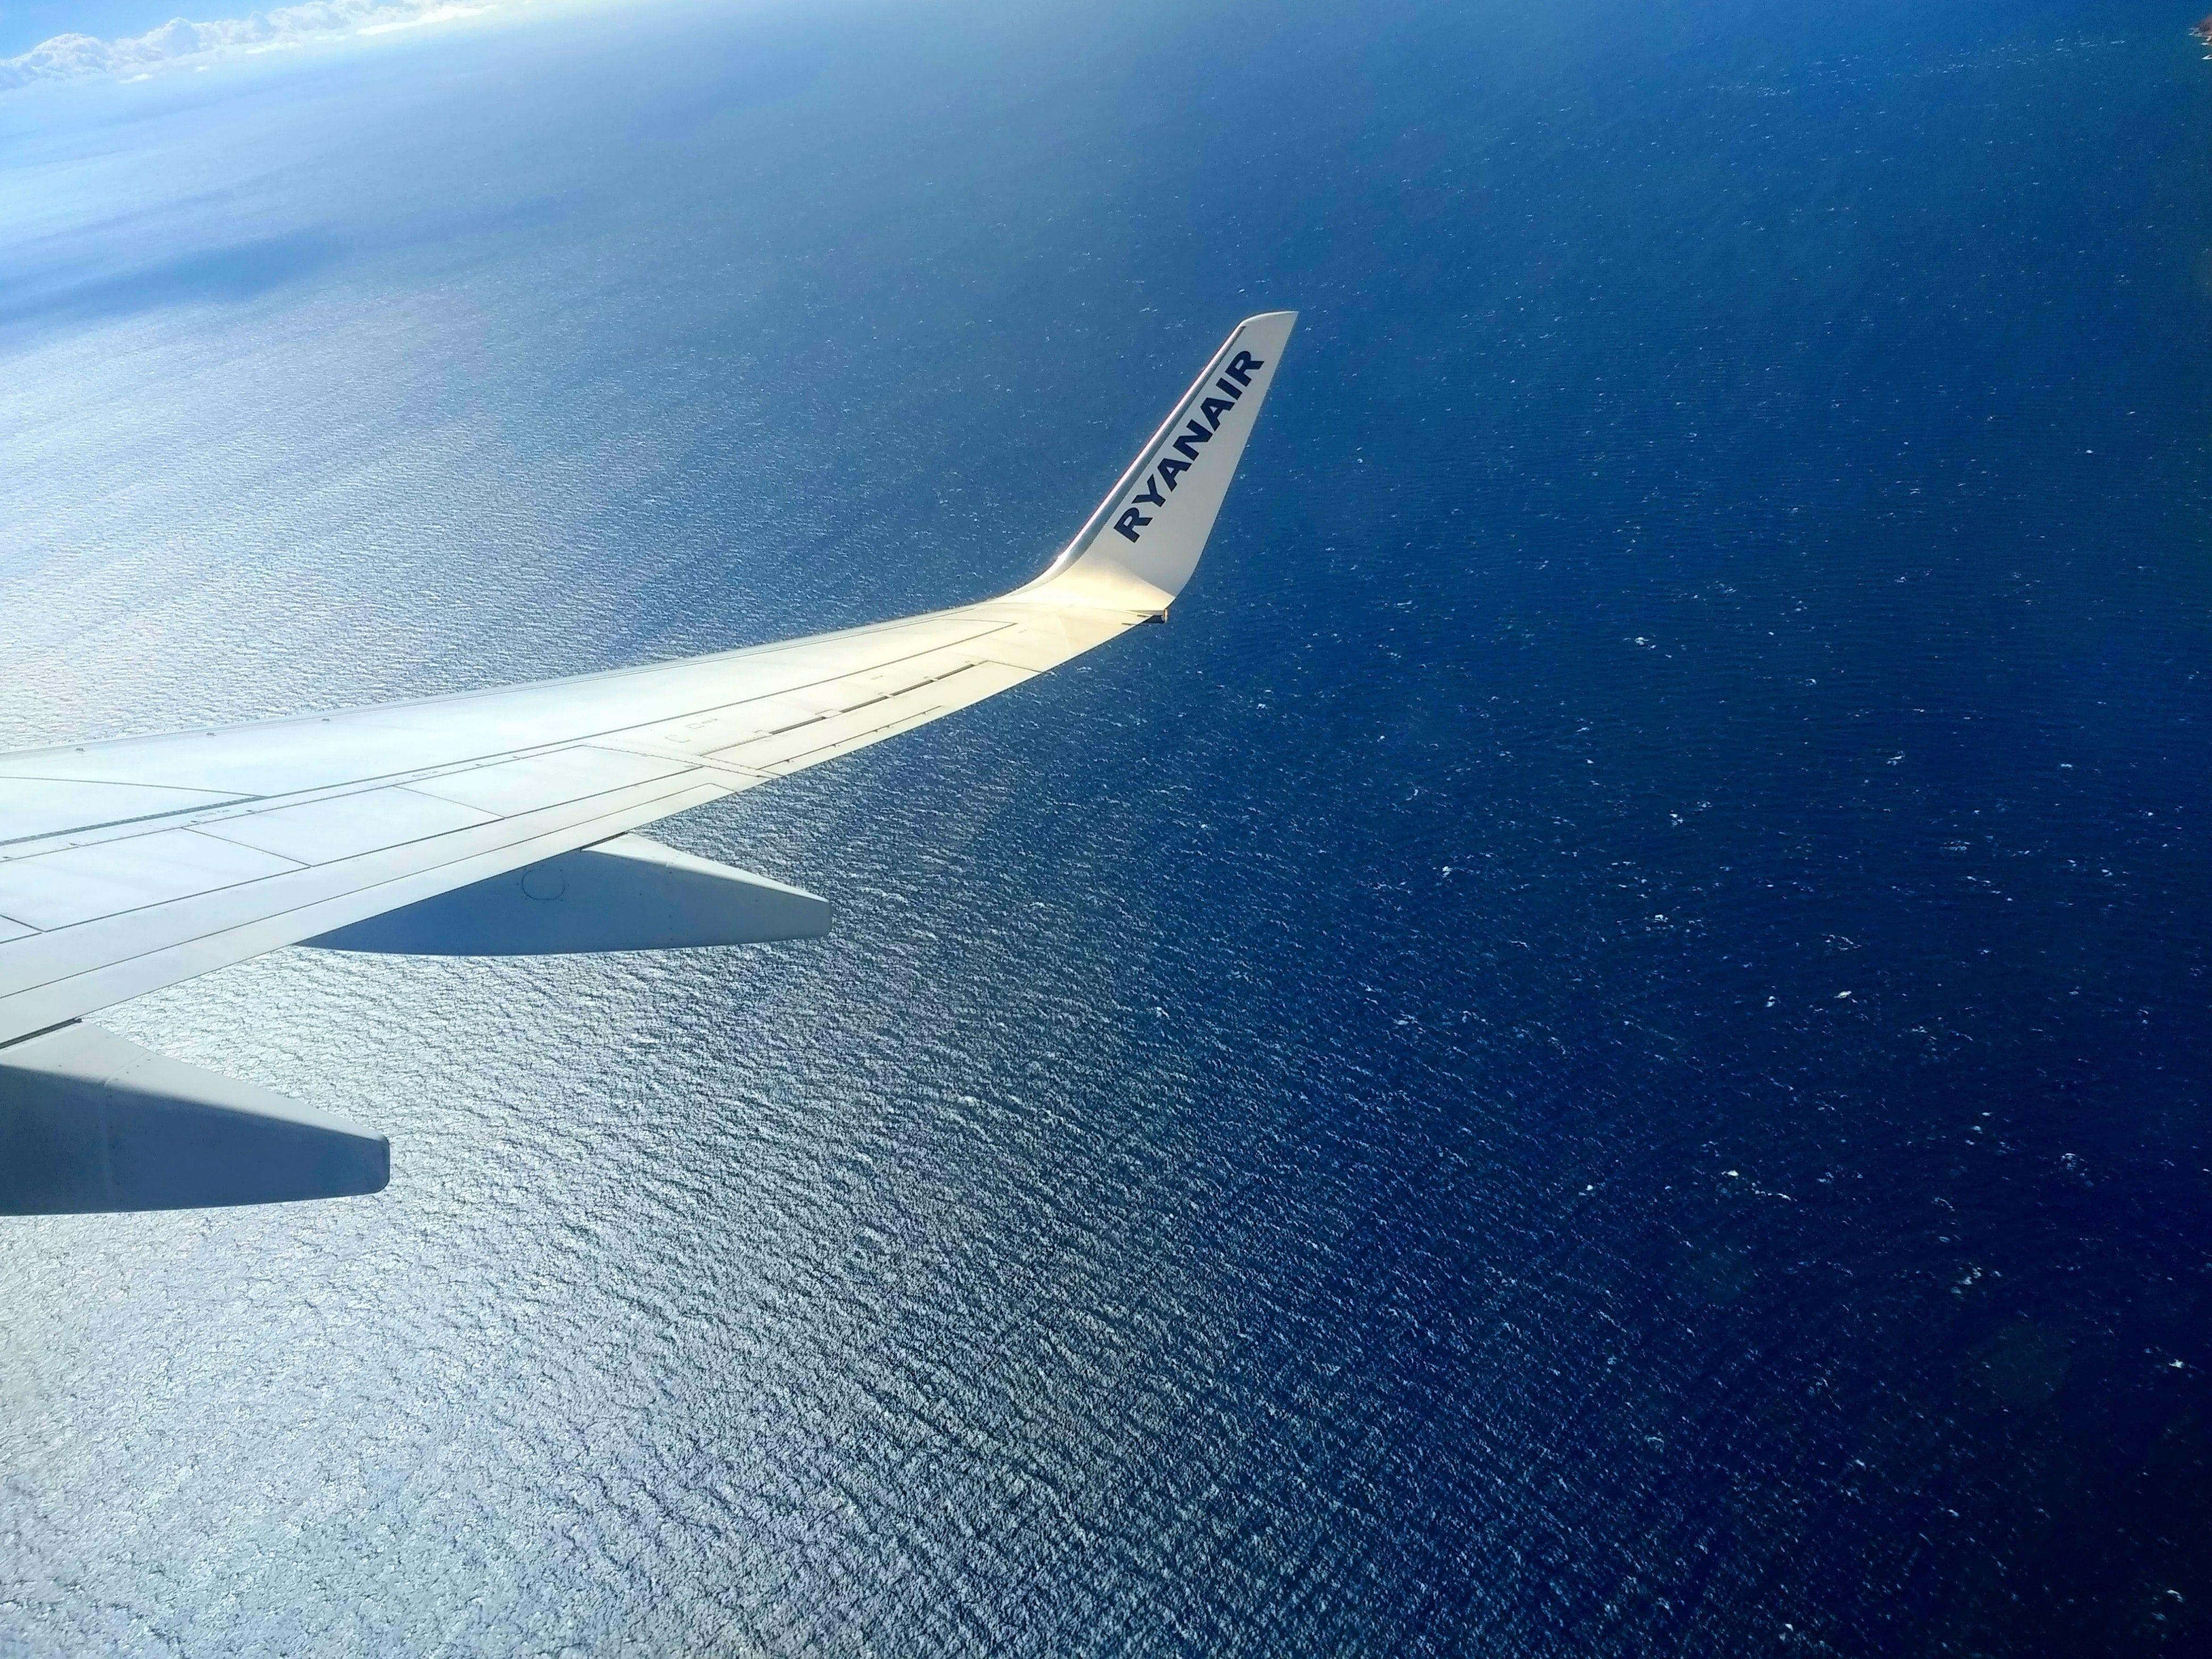 air-travel-aircraft-aircraft-wing-731281-min